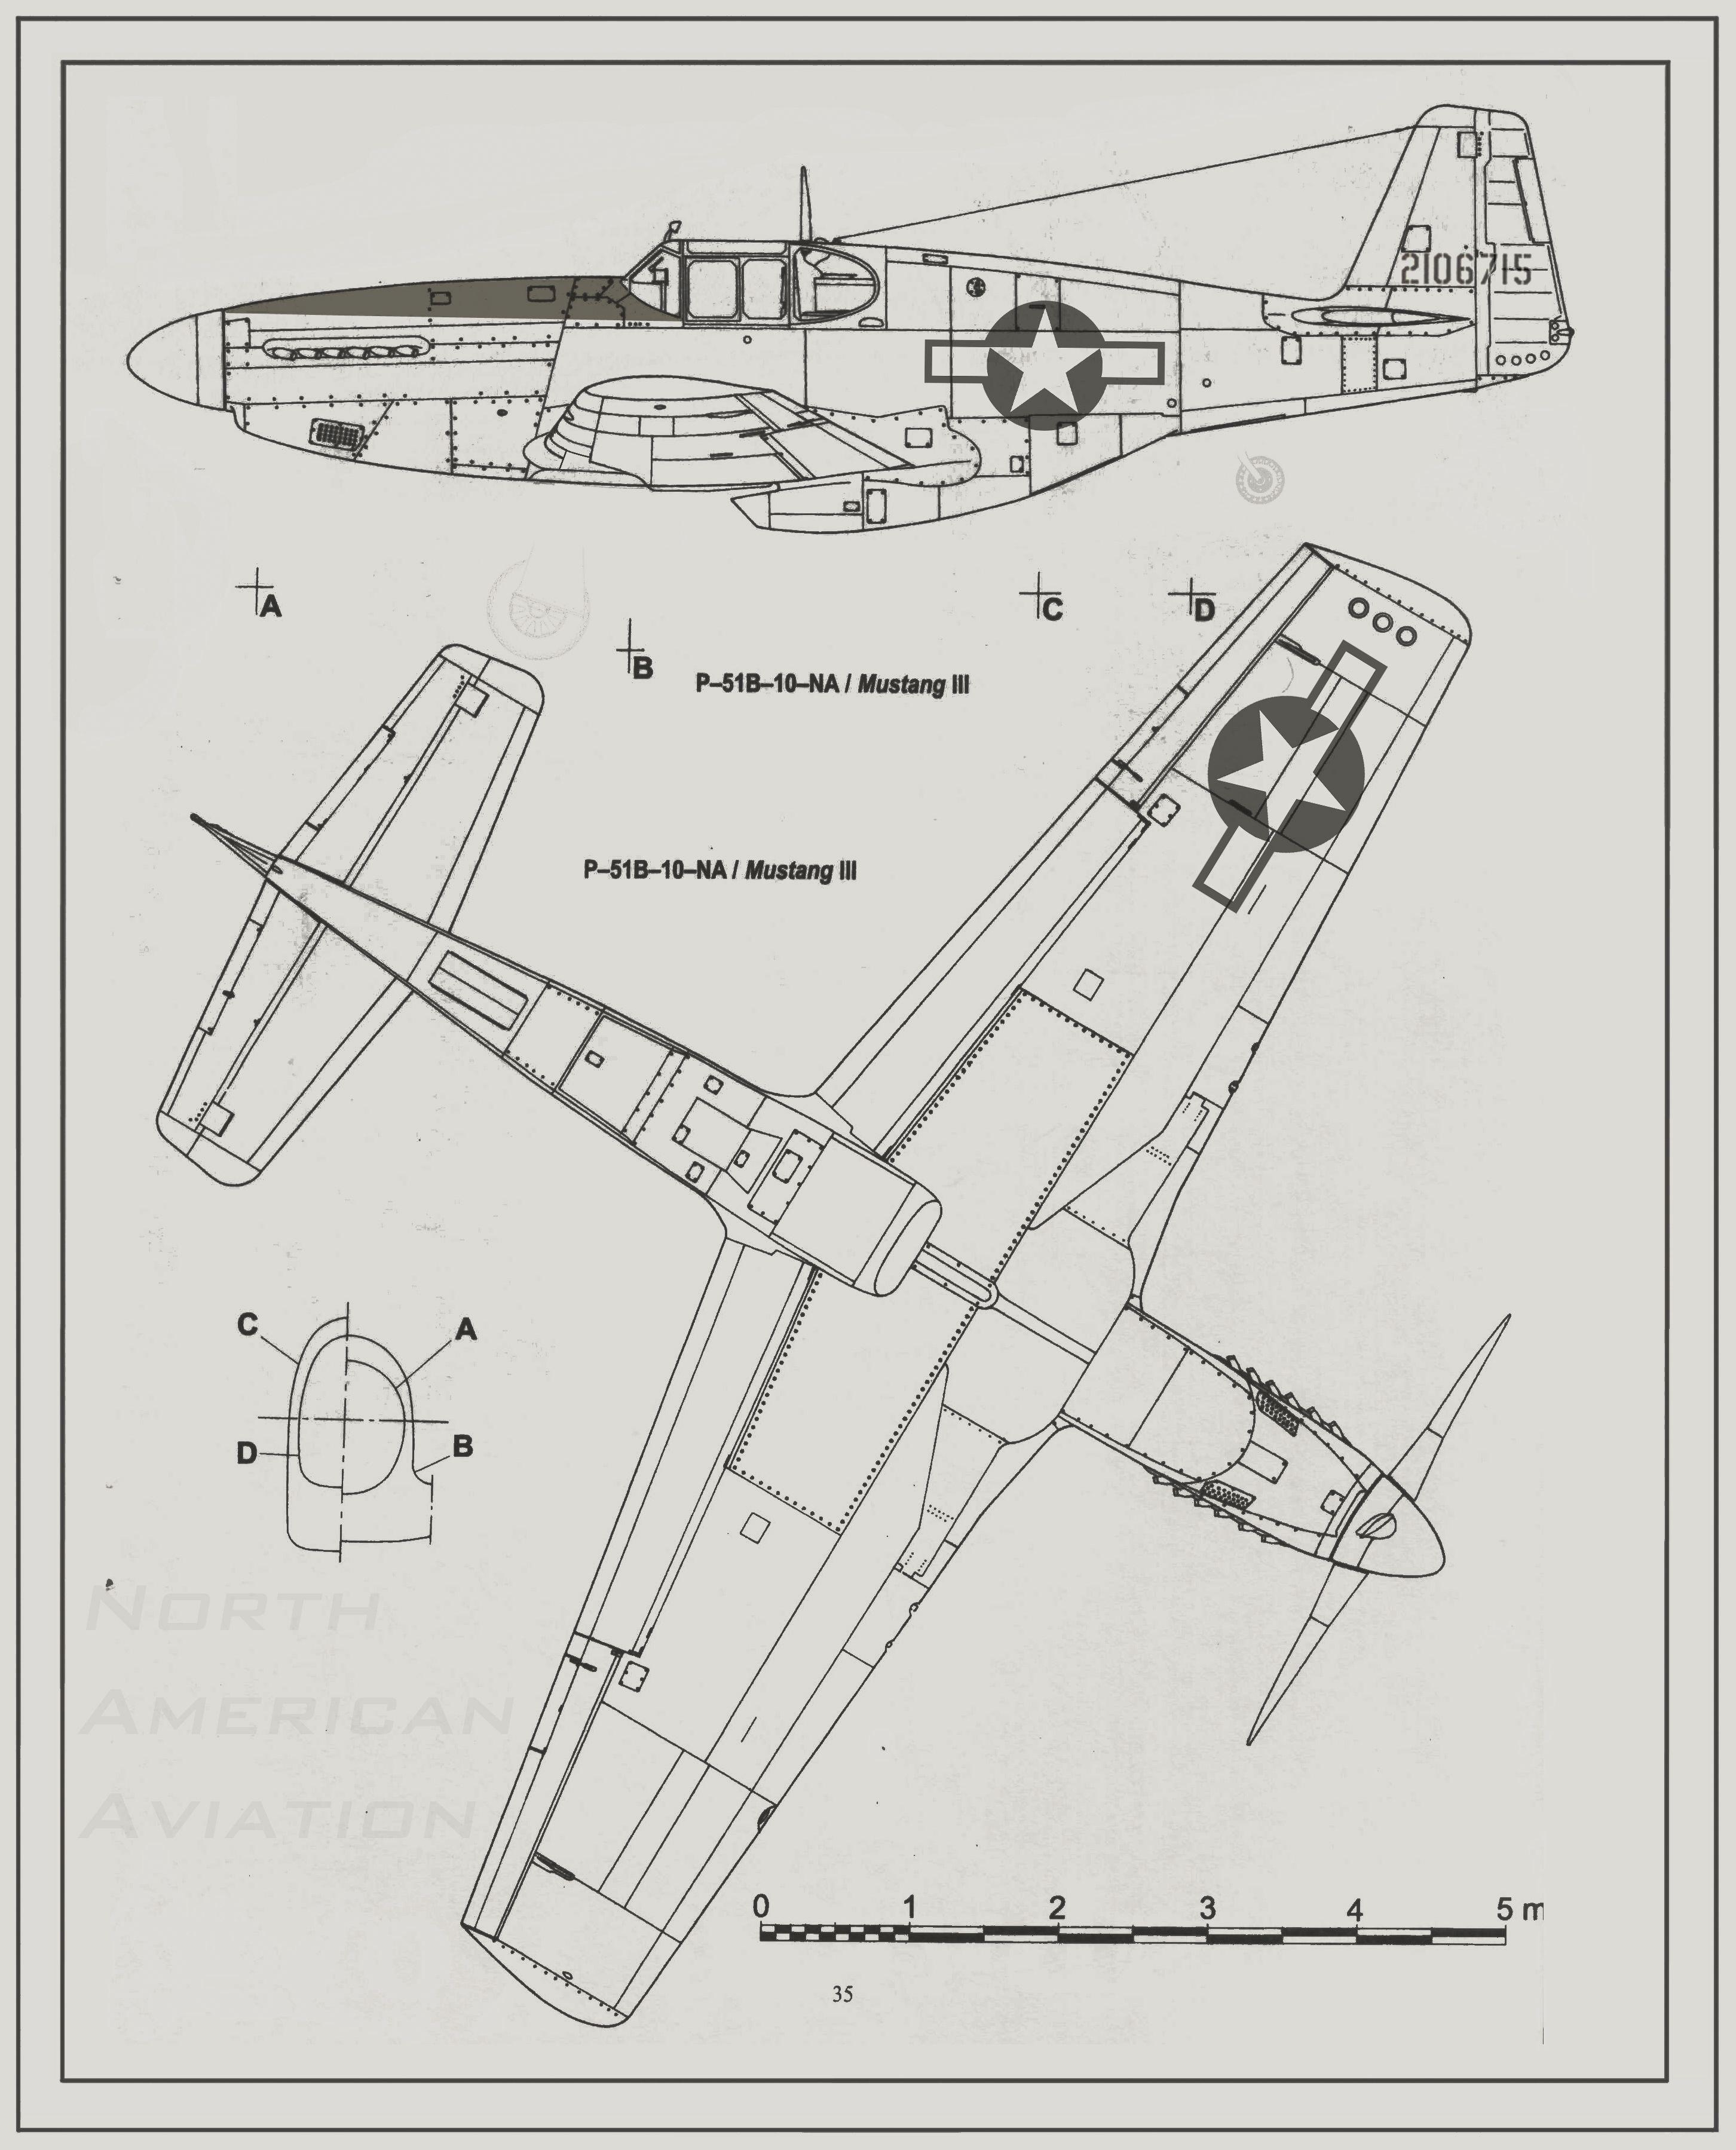 P 51b 10 Na